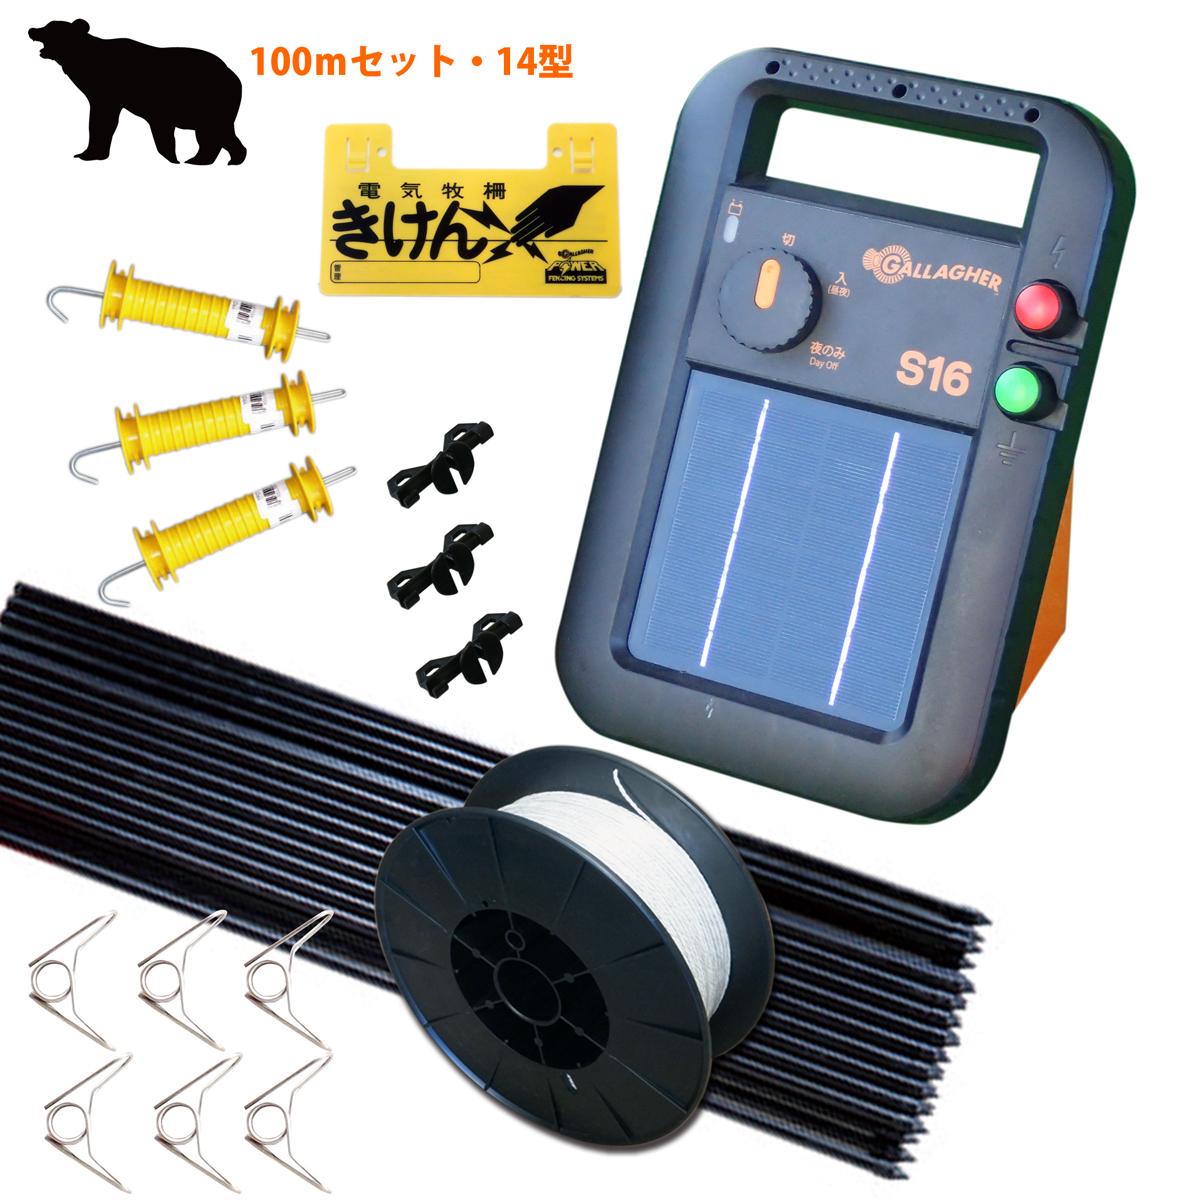 【電気柵】クマストップ!ライト100mソーラーセット【本体2年間保証・光センサー付】14型仕様・3段張り(仕様)ガラガー